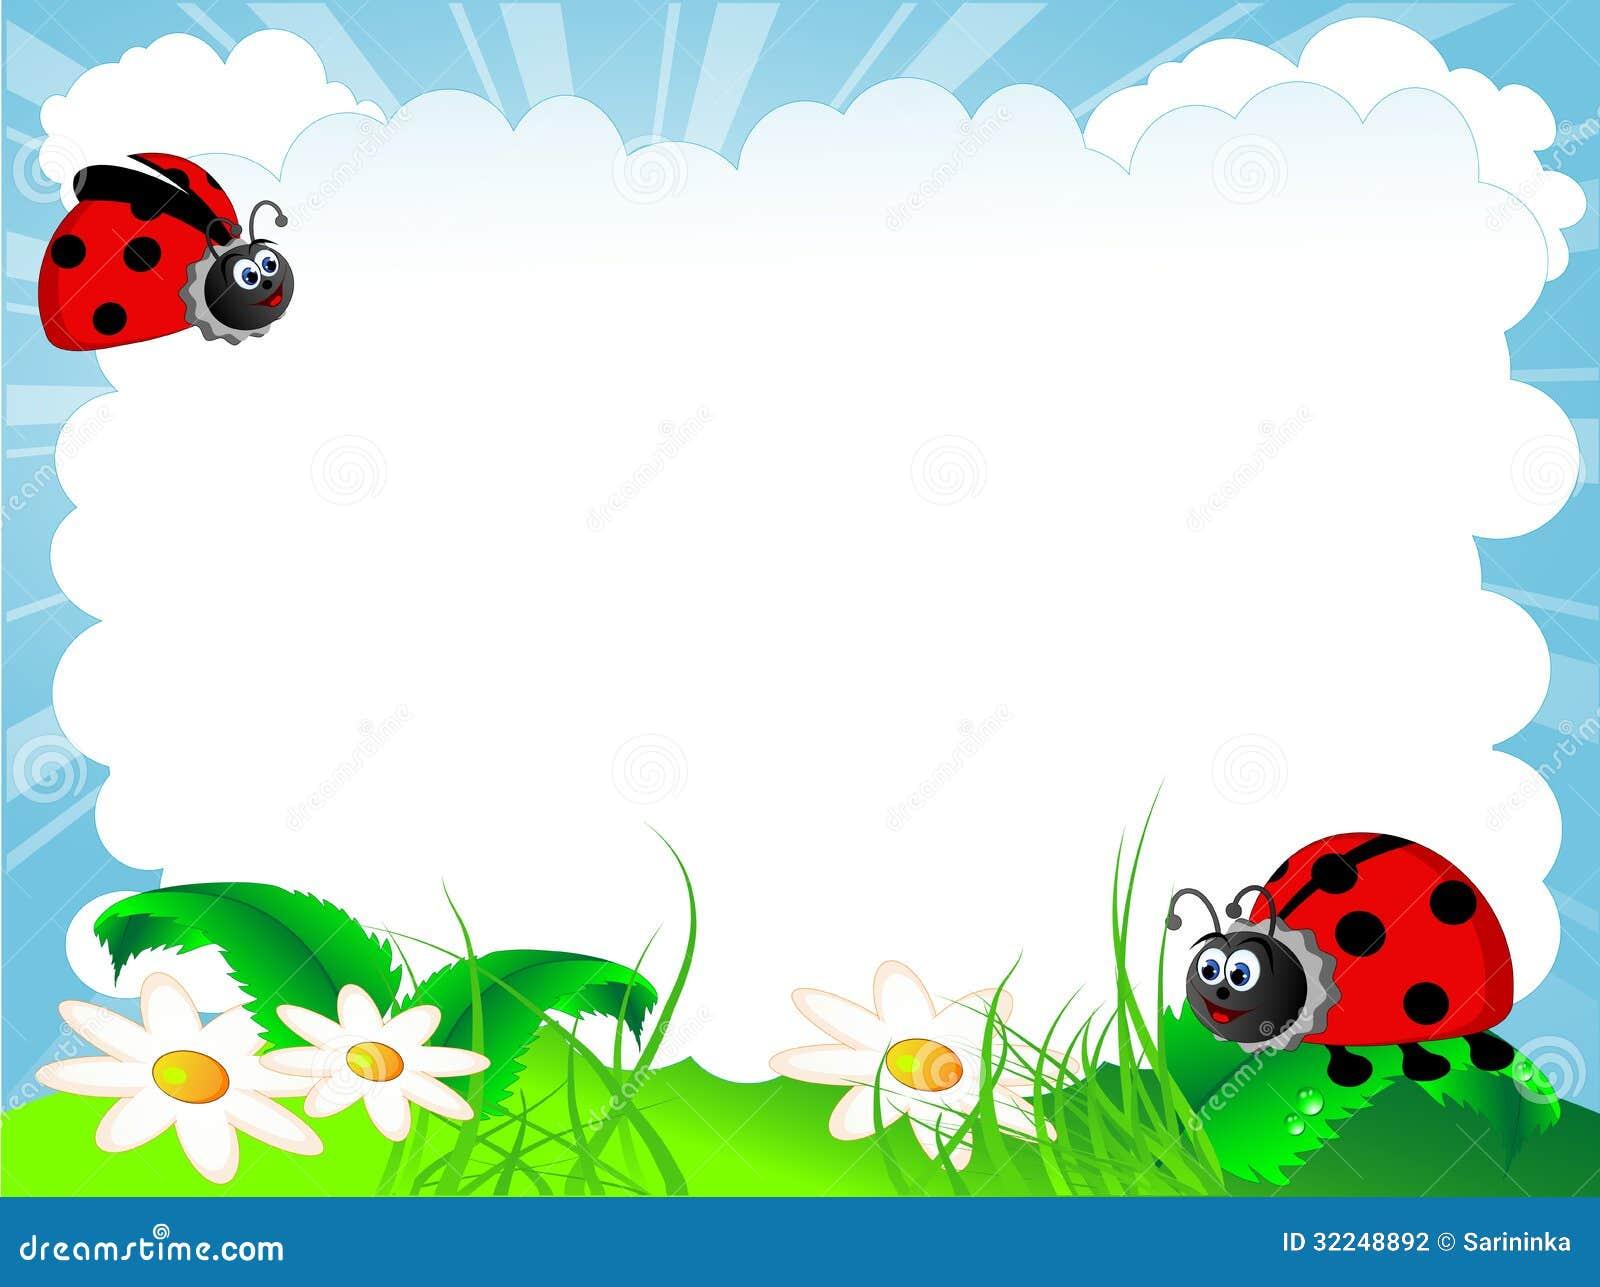 Onzelieveheersbeestje